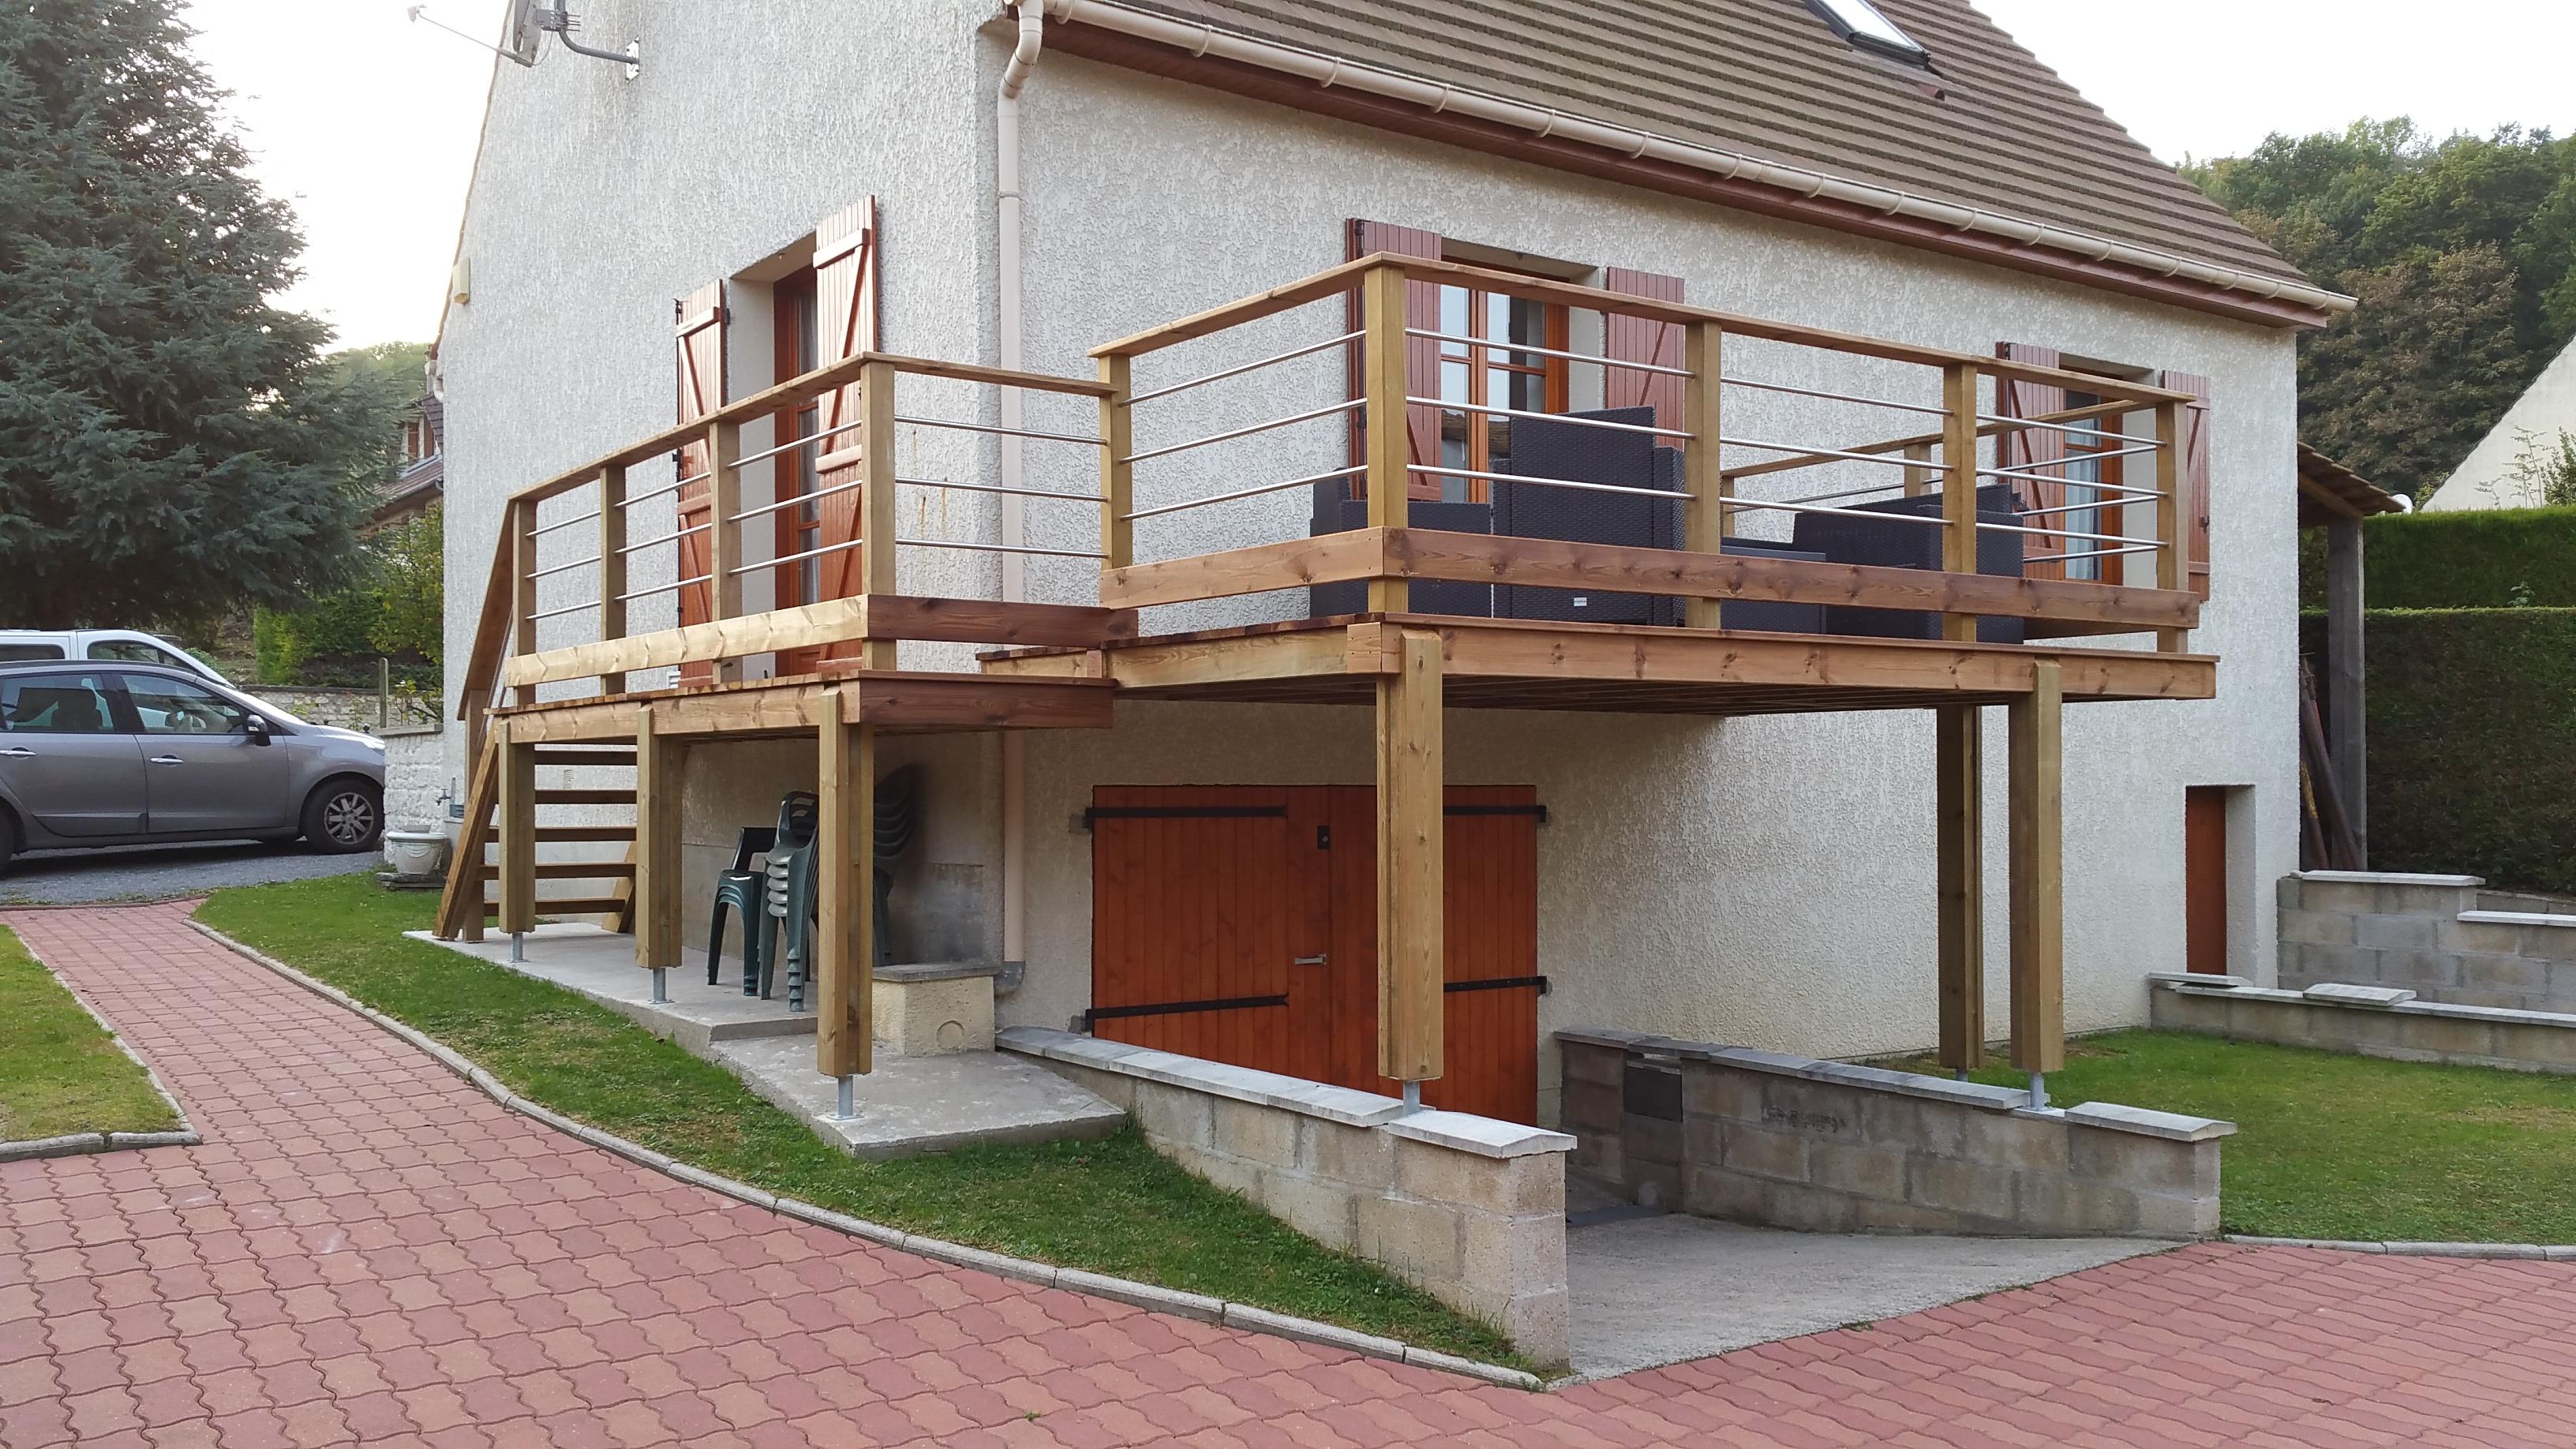 Terrasse En Bois Oise terrasse bois - produbois